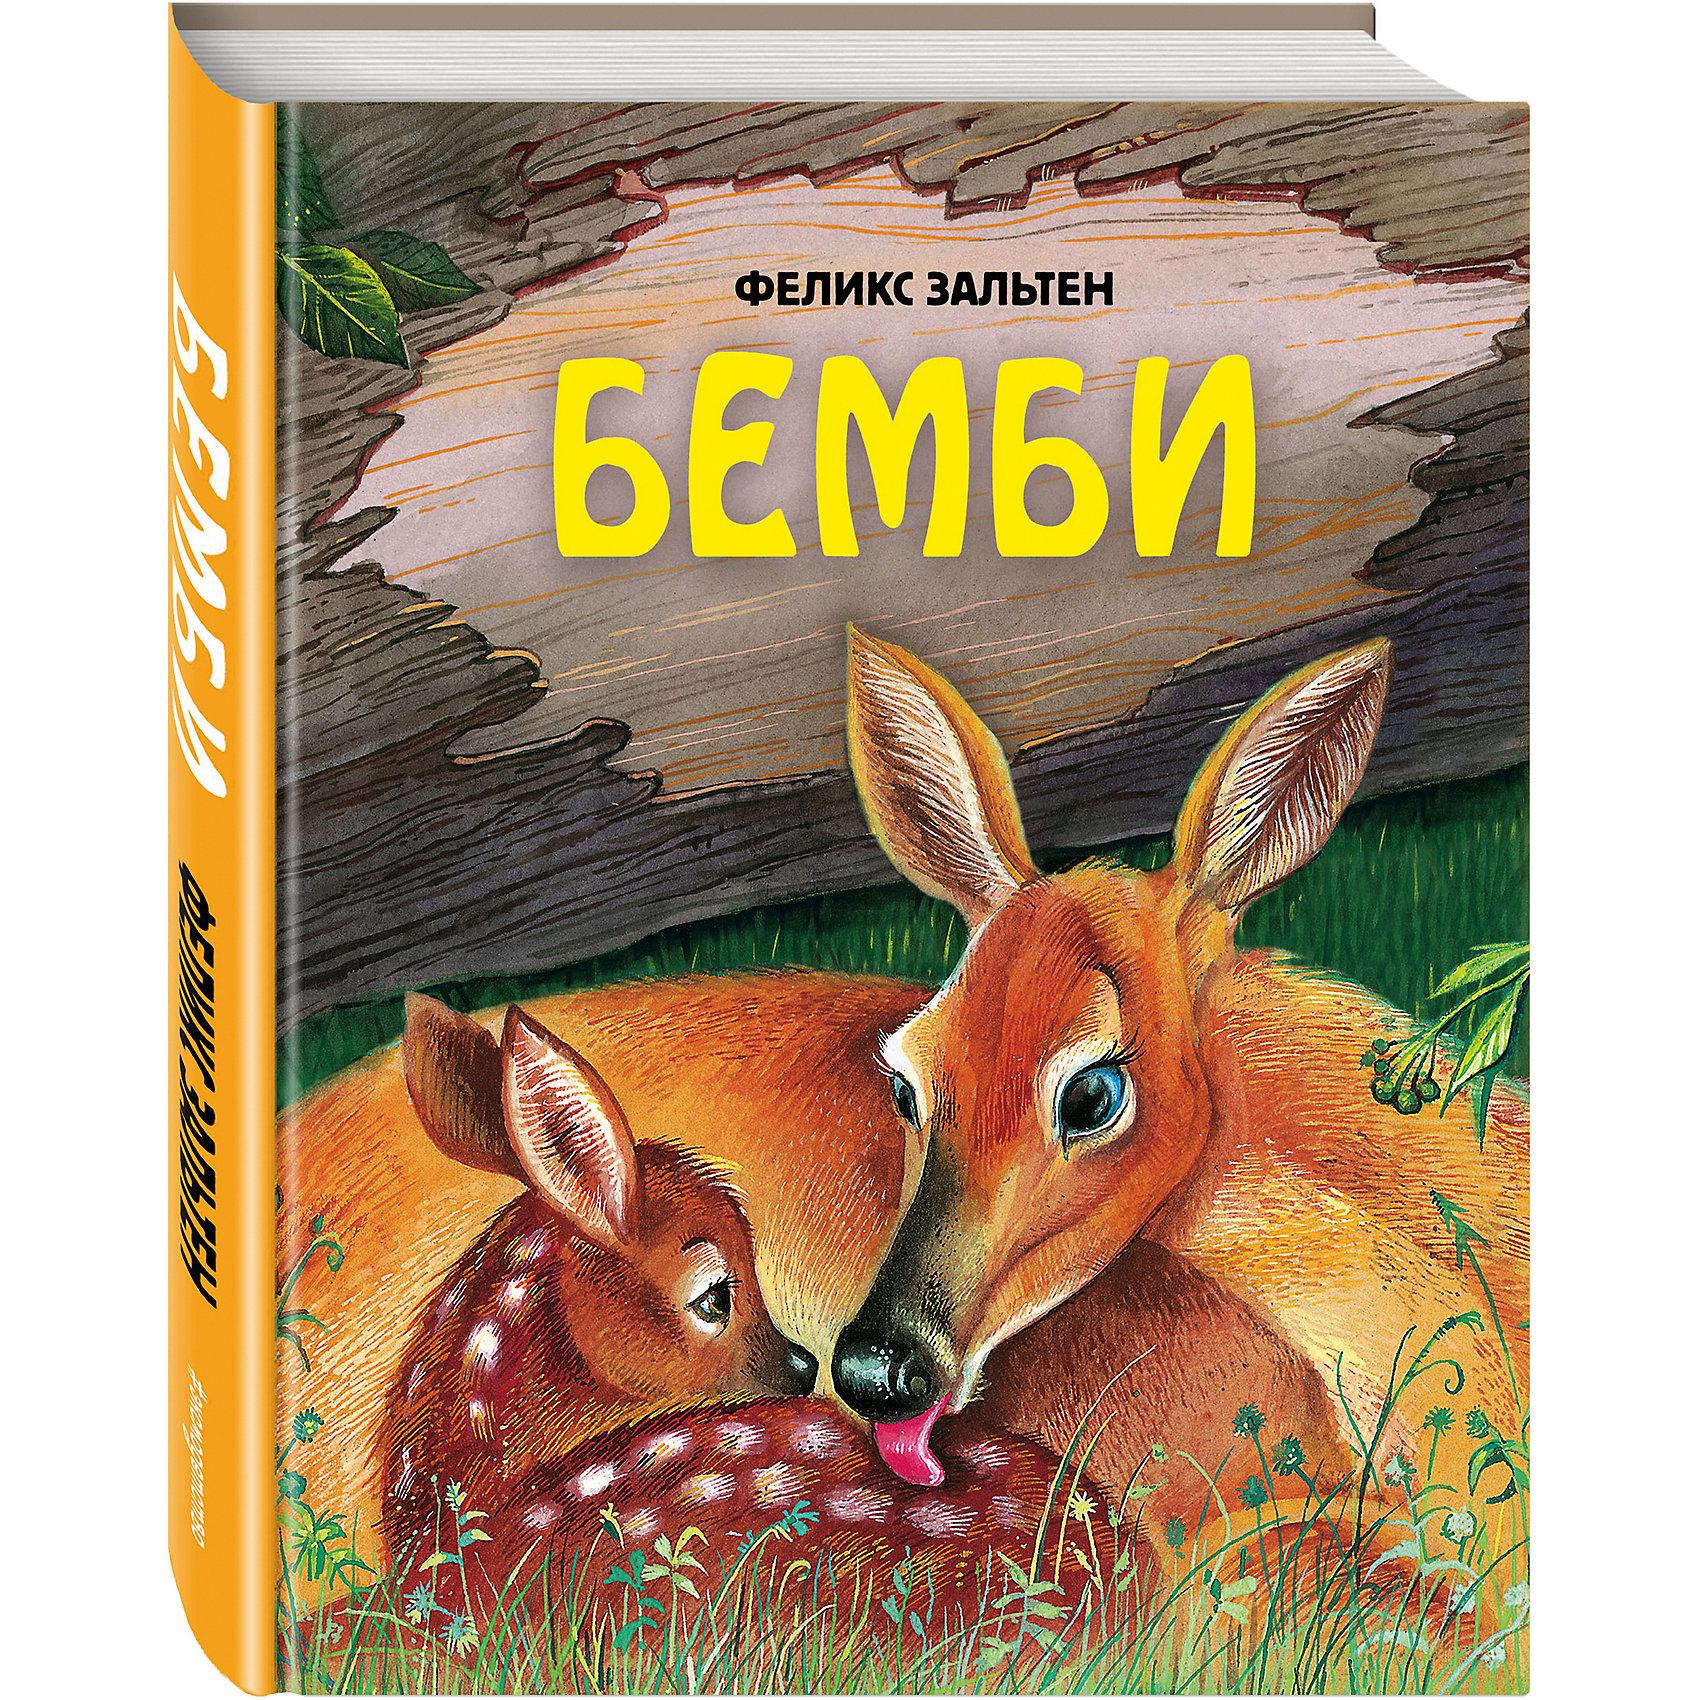 Бемби (ил. М. Митрофанова)Сказки, рассказы, стихи<br>В этой книге юные читатели смогут прочитать историю про олененка Бемби, известного сказочного персонажа мультфильма Уолта Диснея.<br><br>Ширина мм: 255<br>Глубина мм: 197<br>Высота мм: 180<br>Вес г: 698<br>Возраст от месяцев: 36<br>Возраст до месяцев: 2147483647<br>Пол: Унисекс<br>Возраст: Детский<br>SKU: 5535569